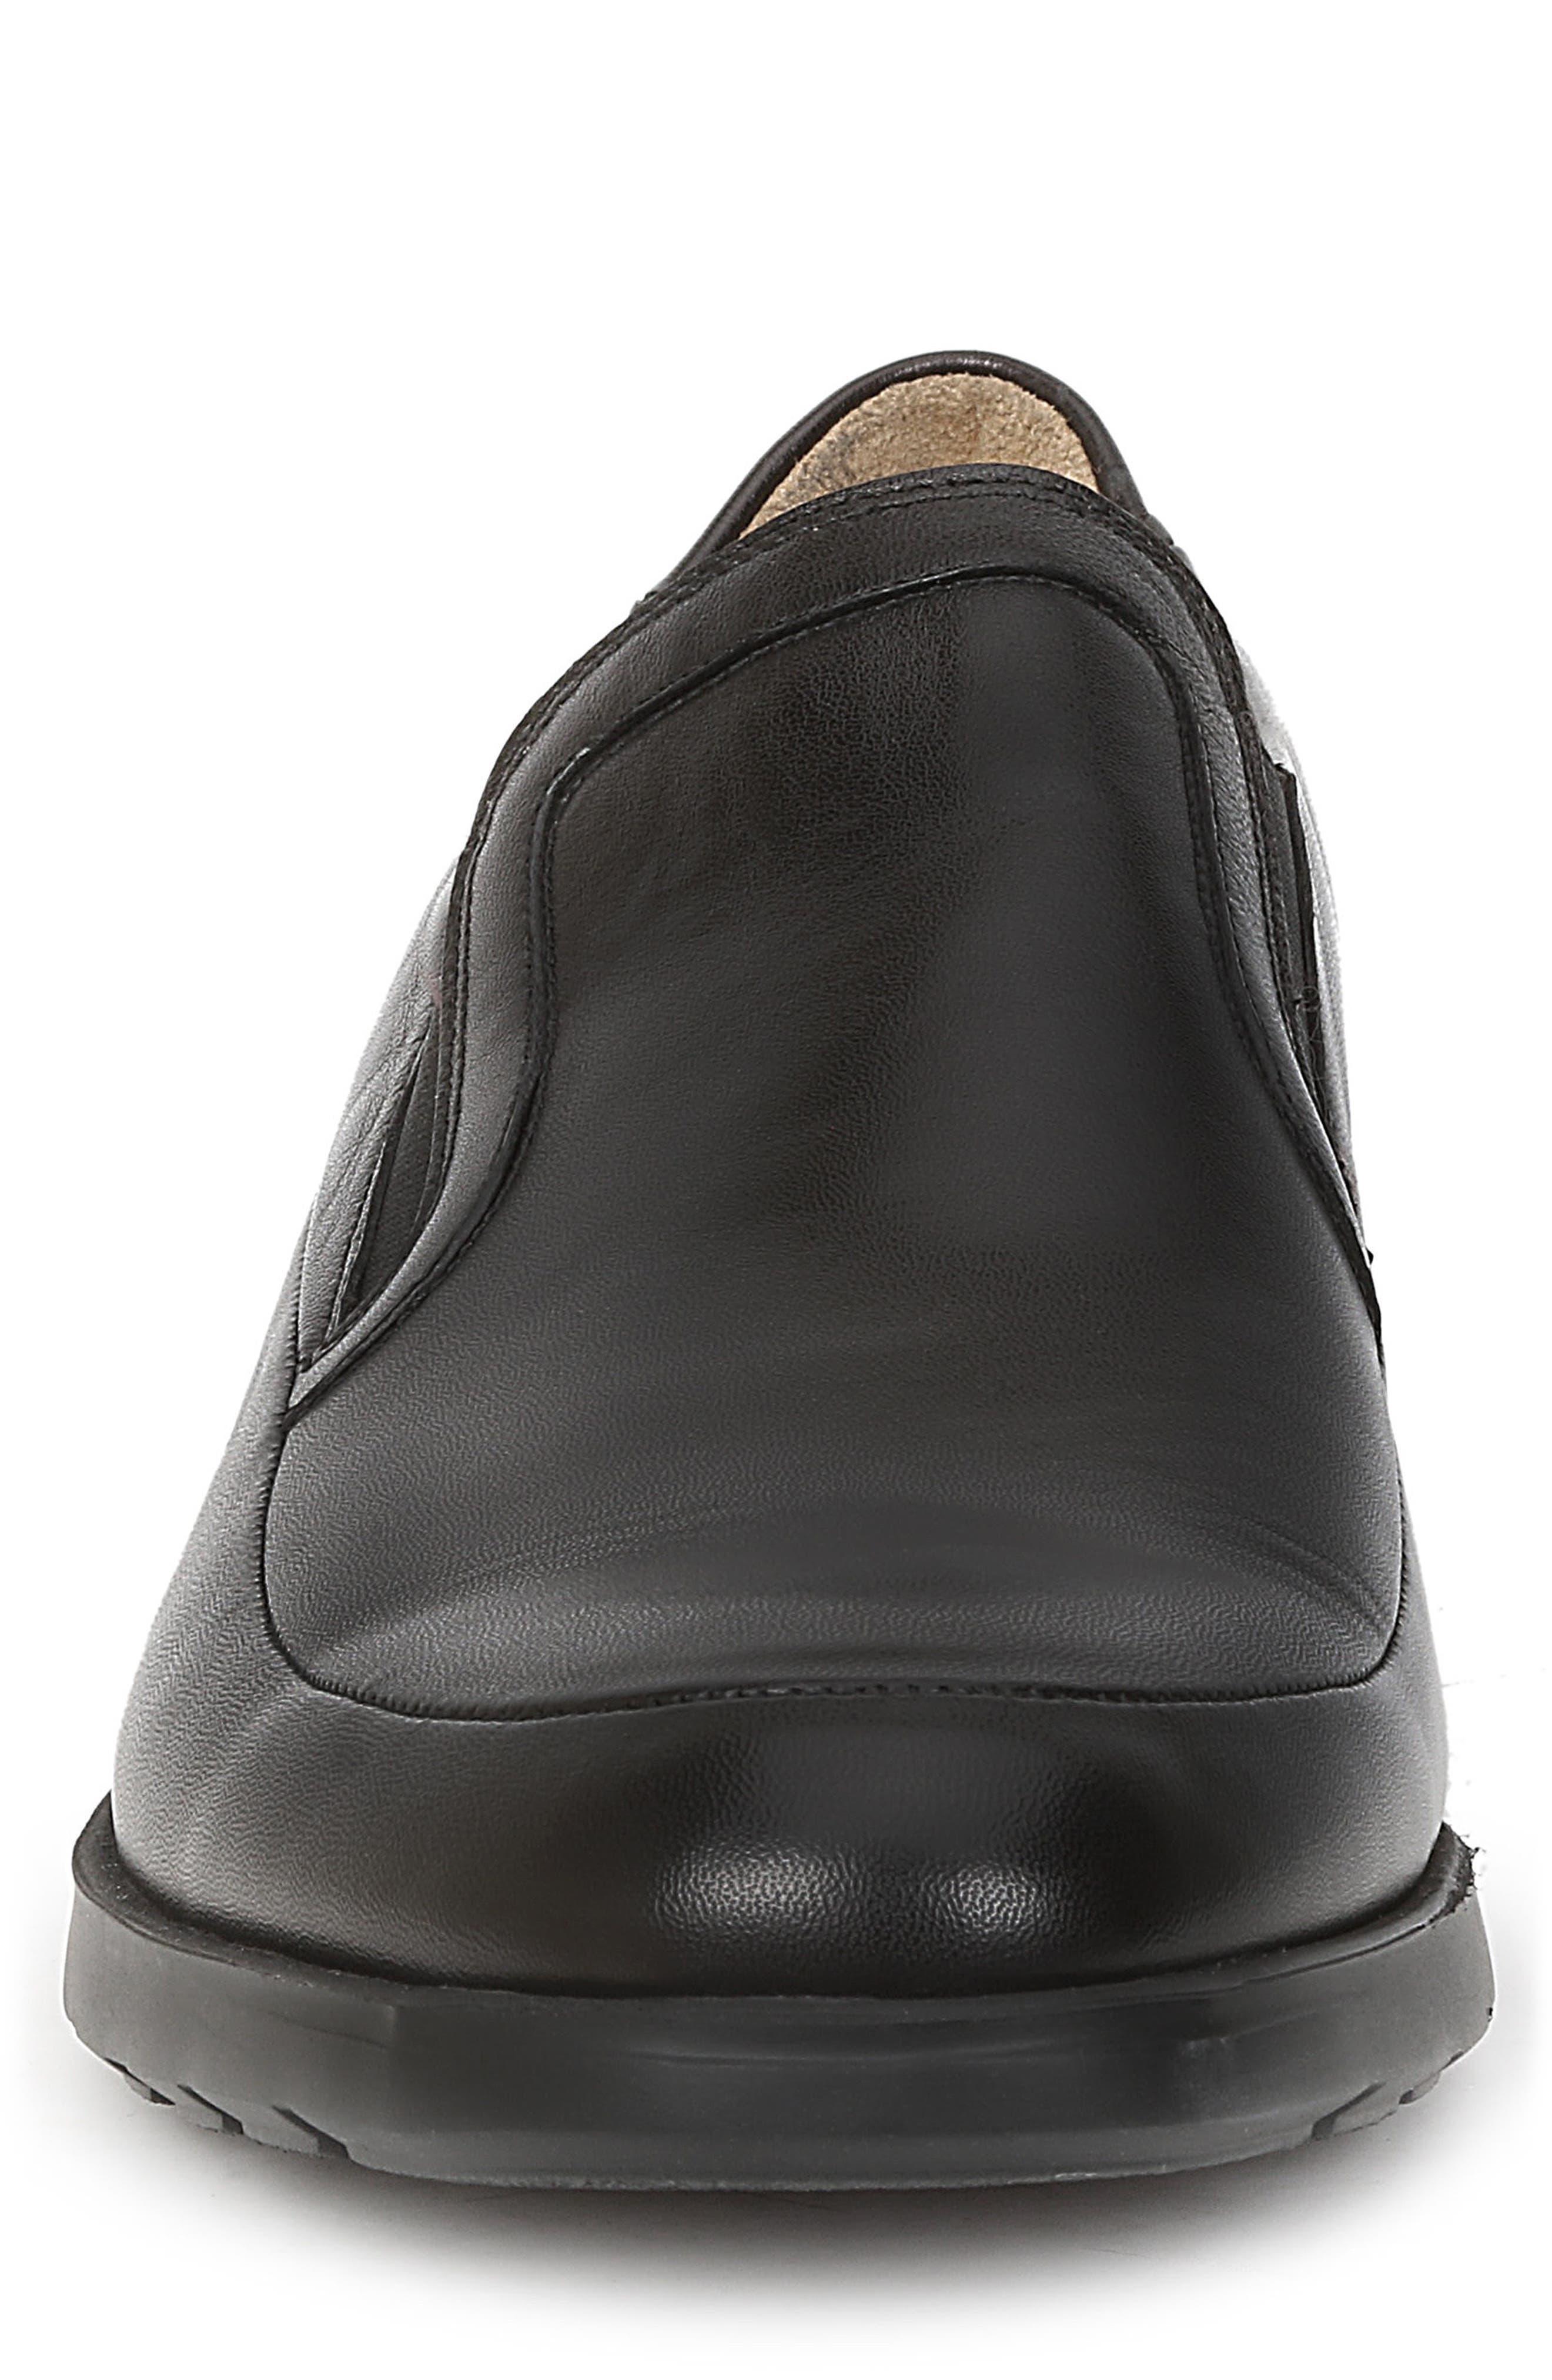 Vegas Apron Toe Loafer,                             Alternate thumbnail 4, color,                             Black Leather